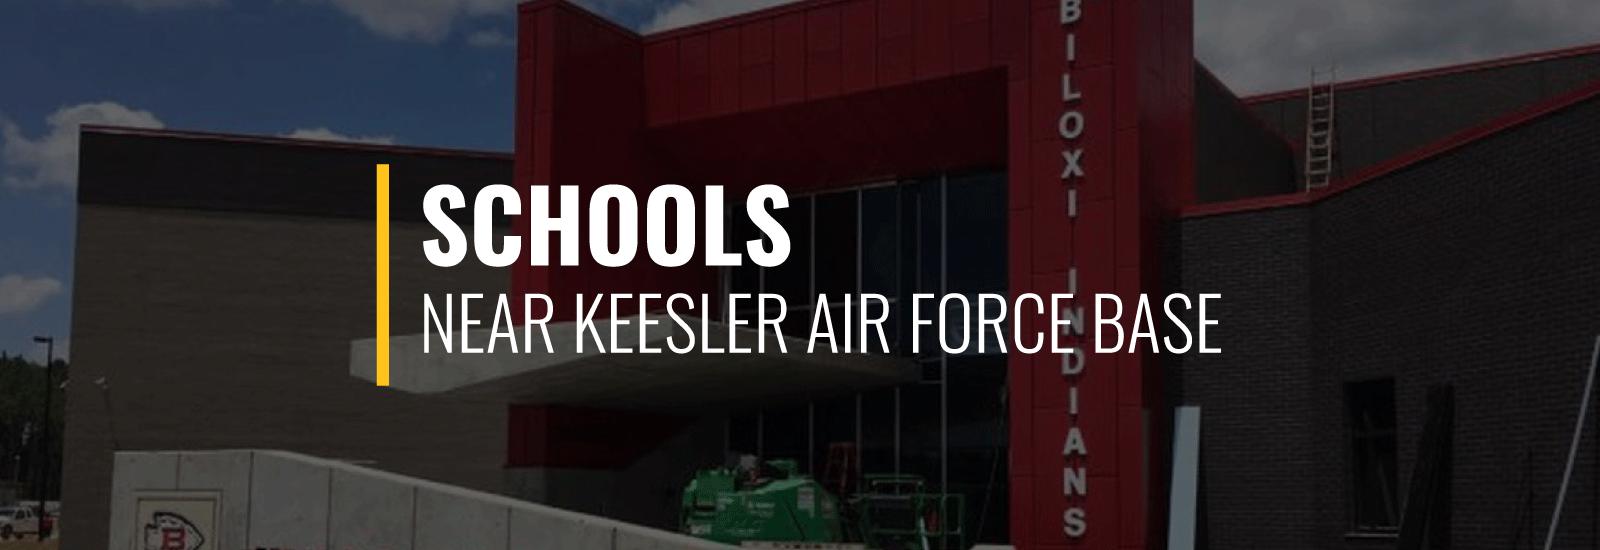 Keesler AFB Schools